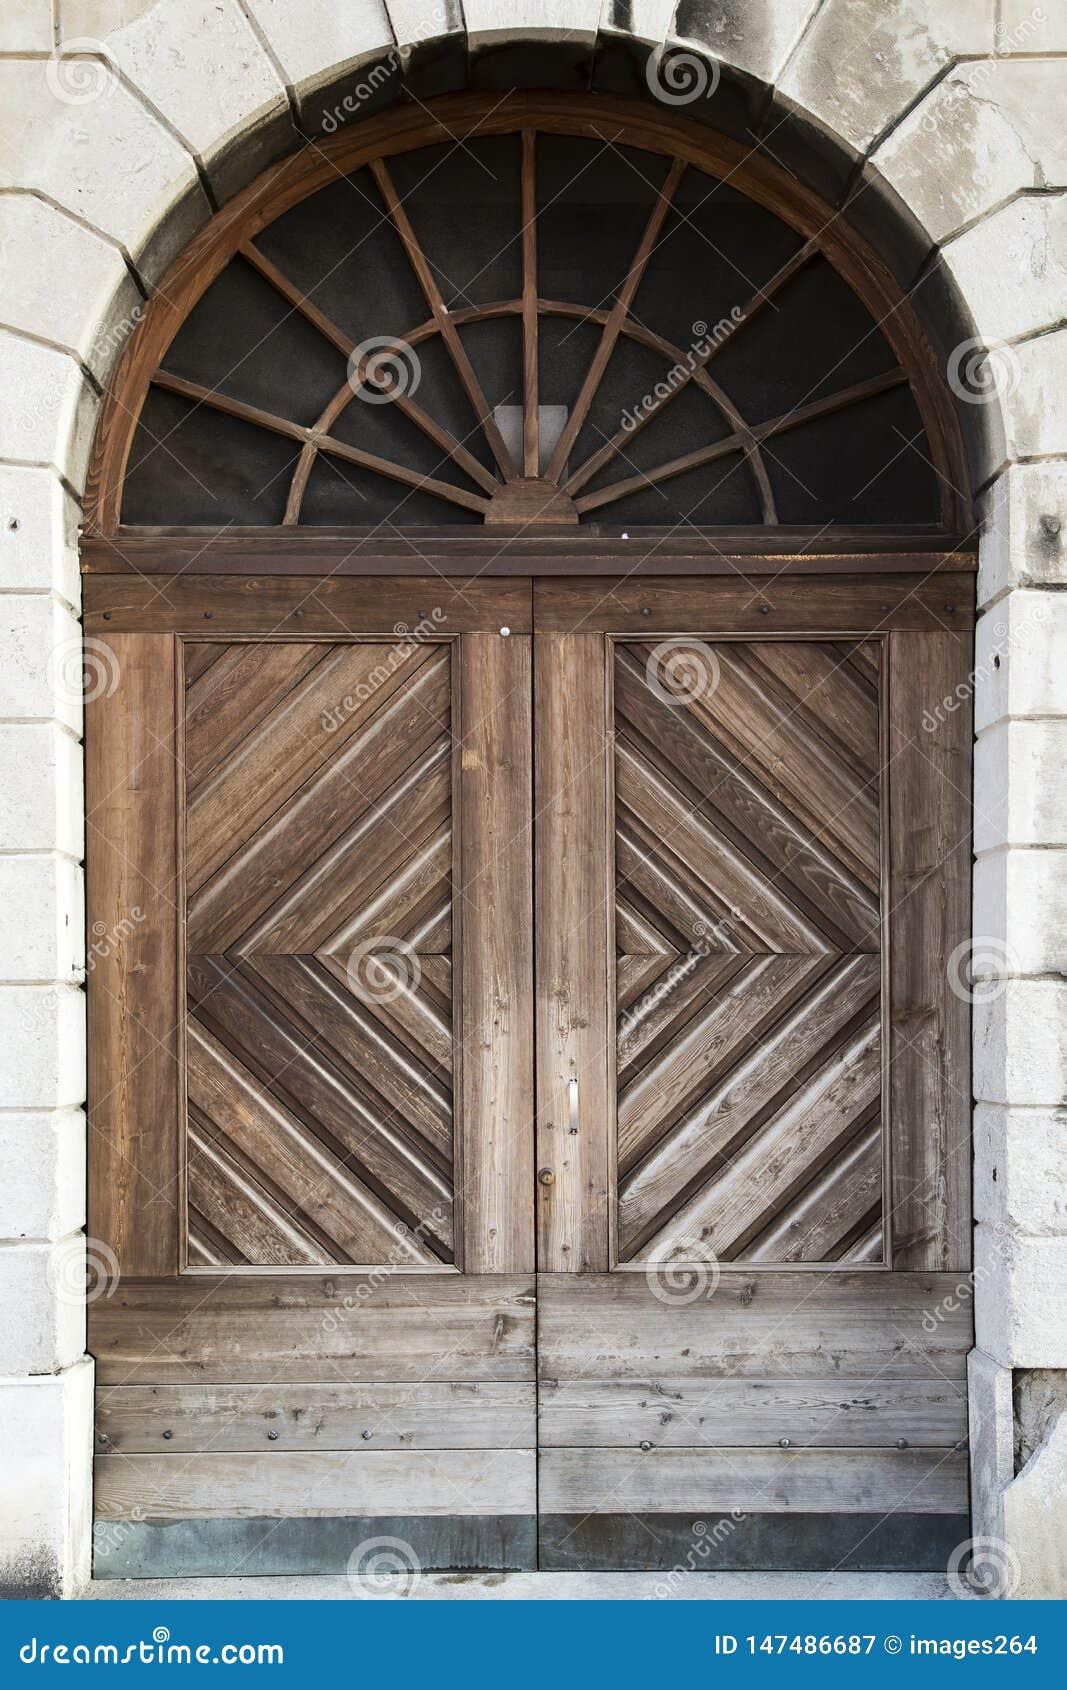 Massive wooden door